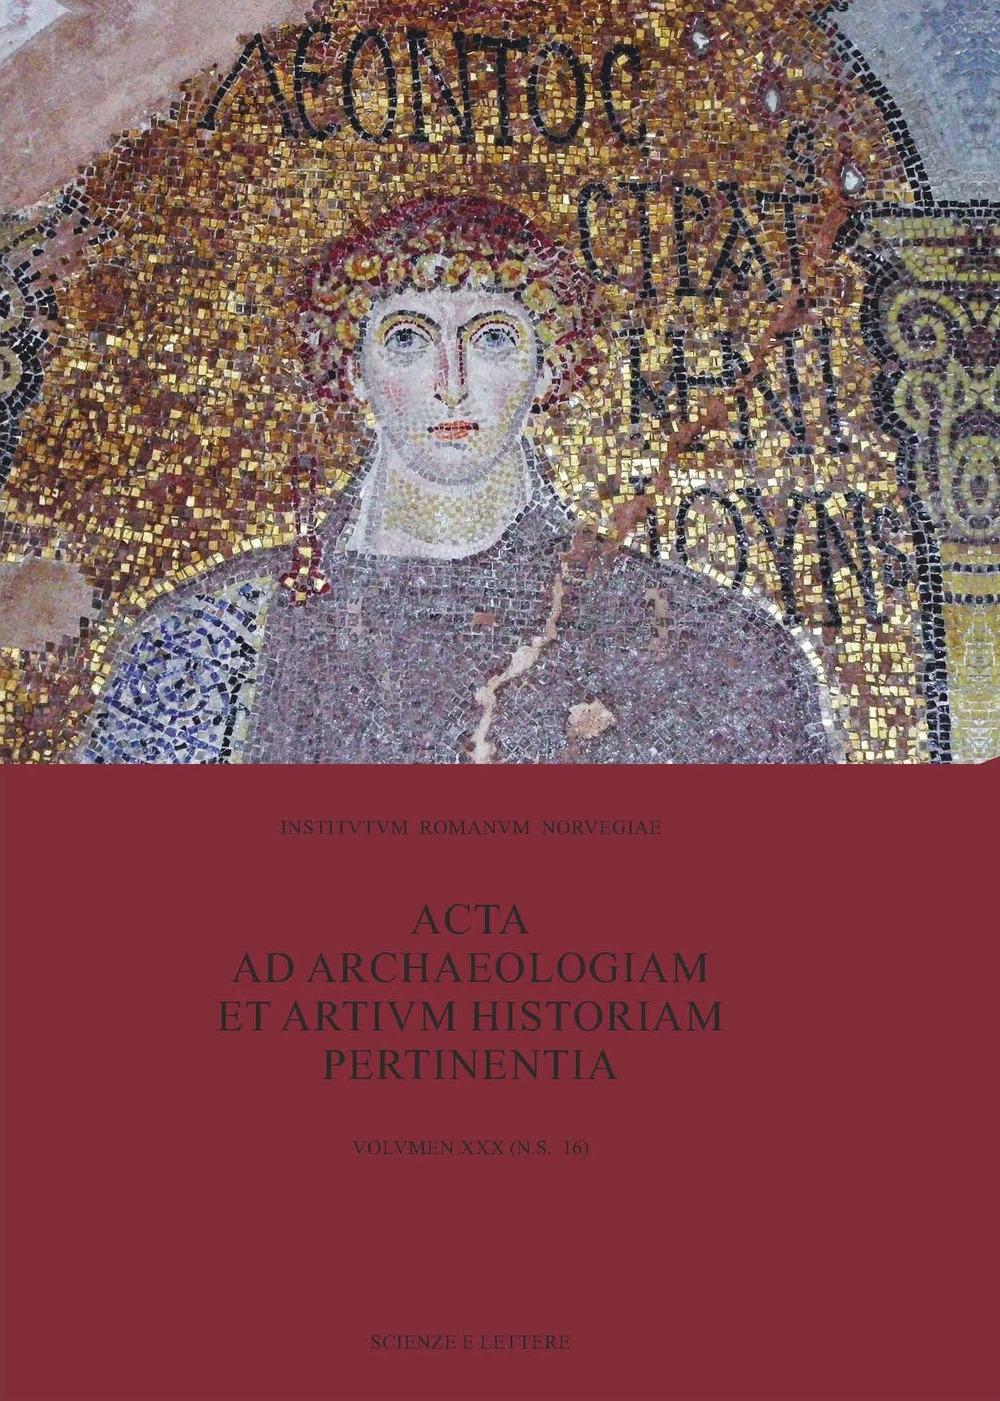 Acta ad archaeologiam et artium historiam pertinentia. Vol. 30